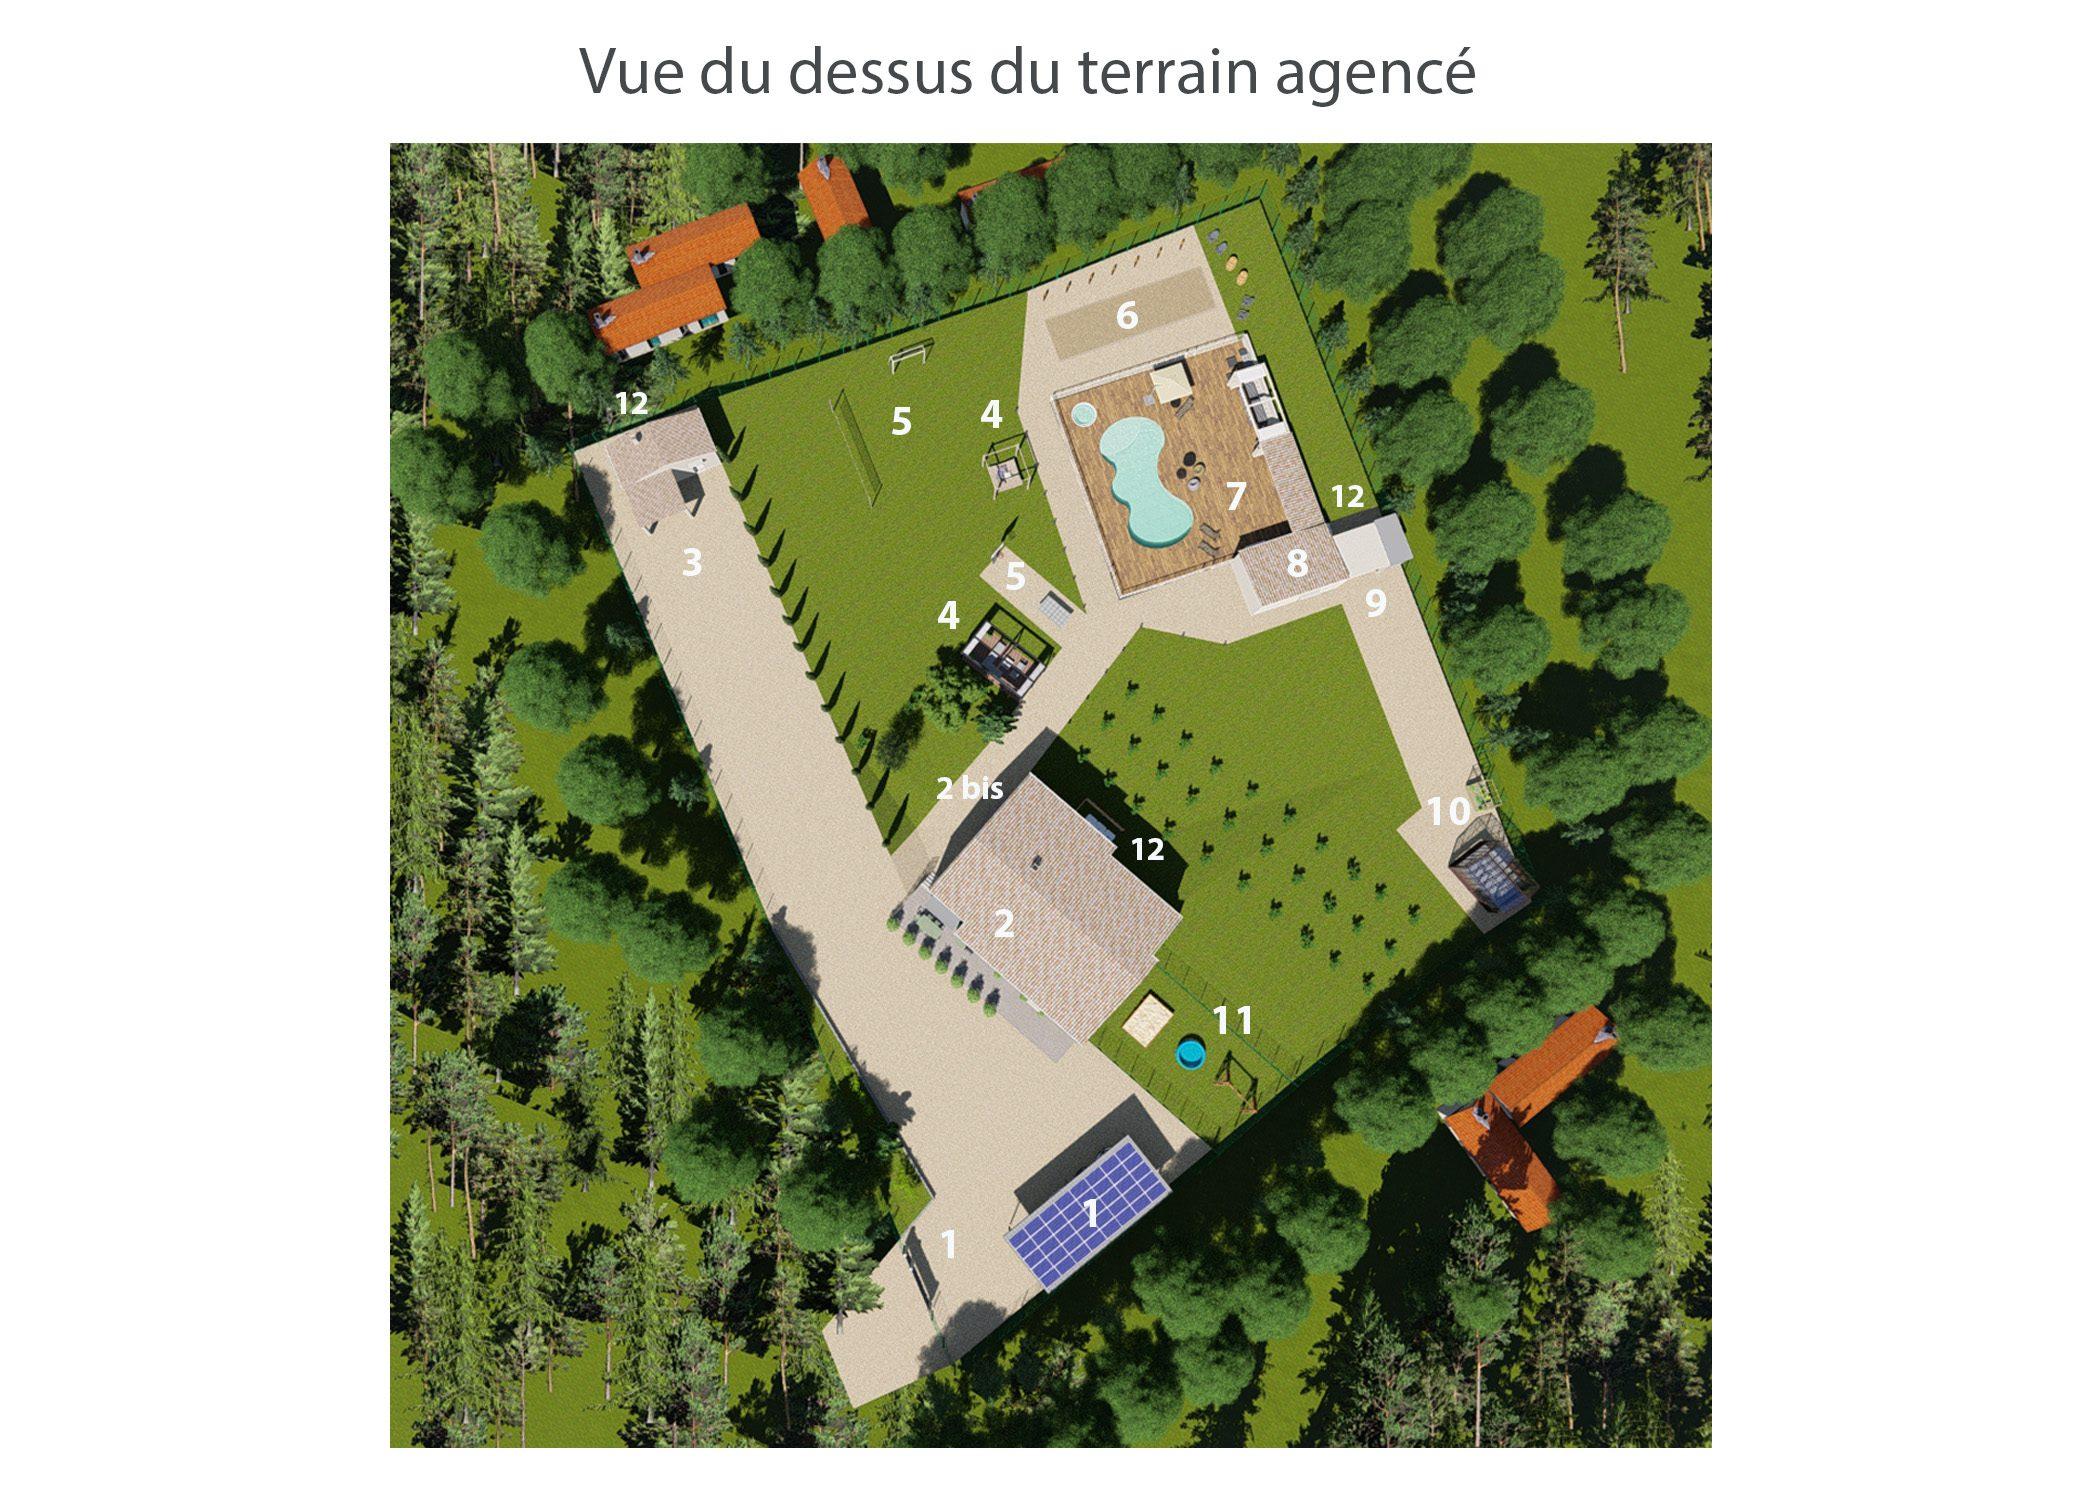 agencement terrain fuveau-espace exterieur-vue du dessus du terrain agence-dekho design